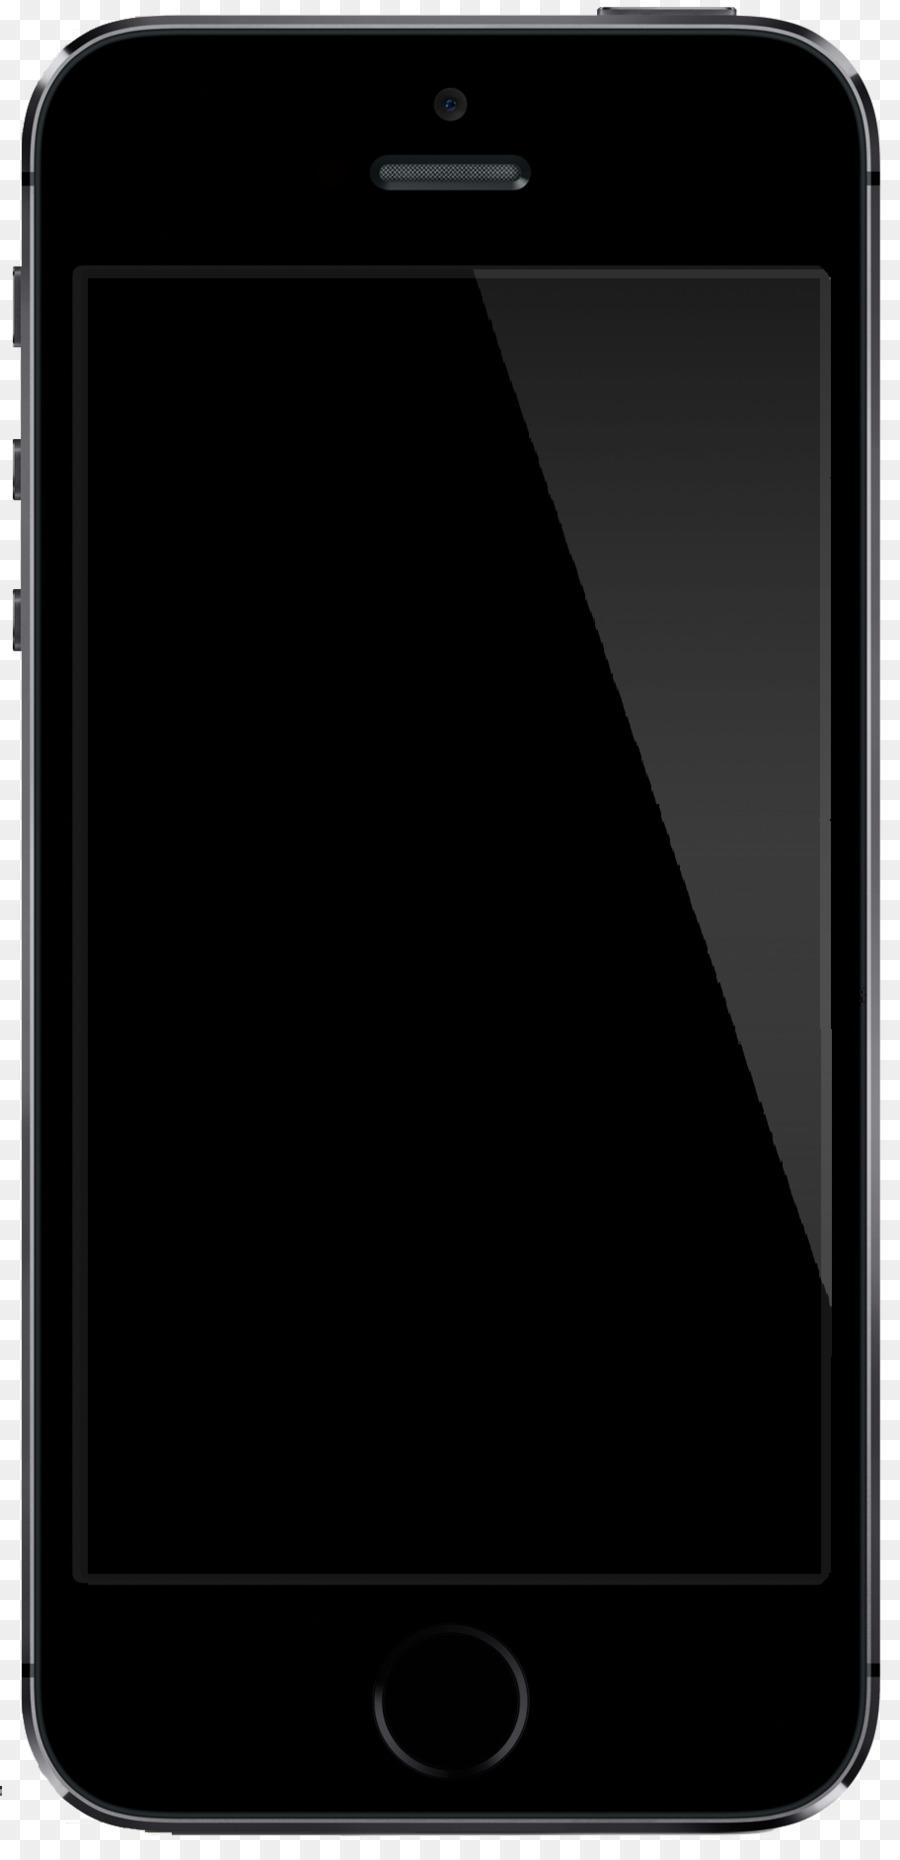 бесплатно лучшие черный экран на фото айфон находят жертву глазами